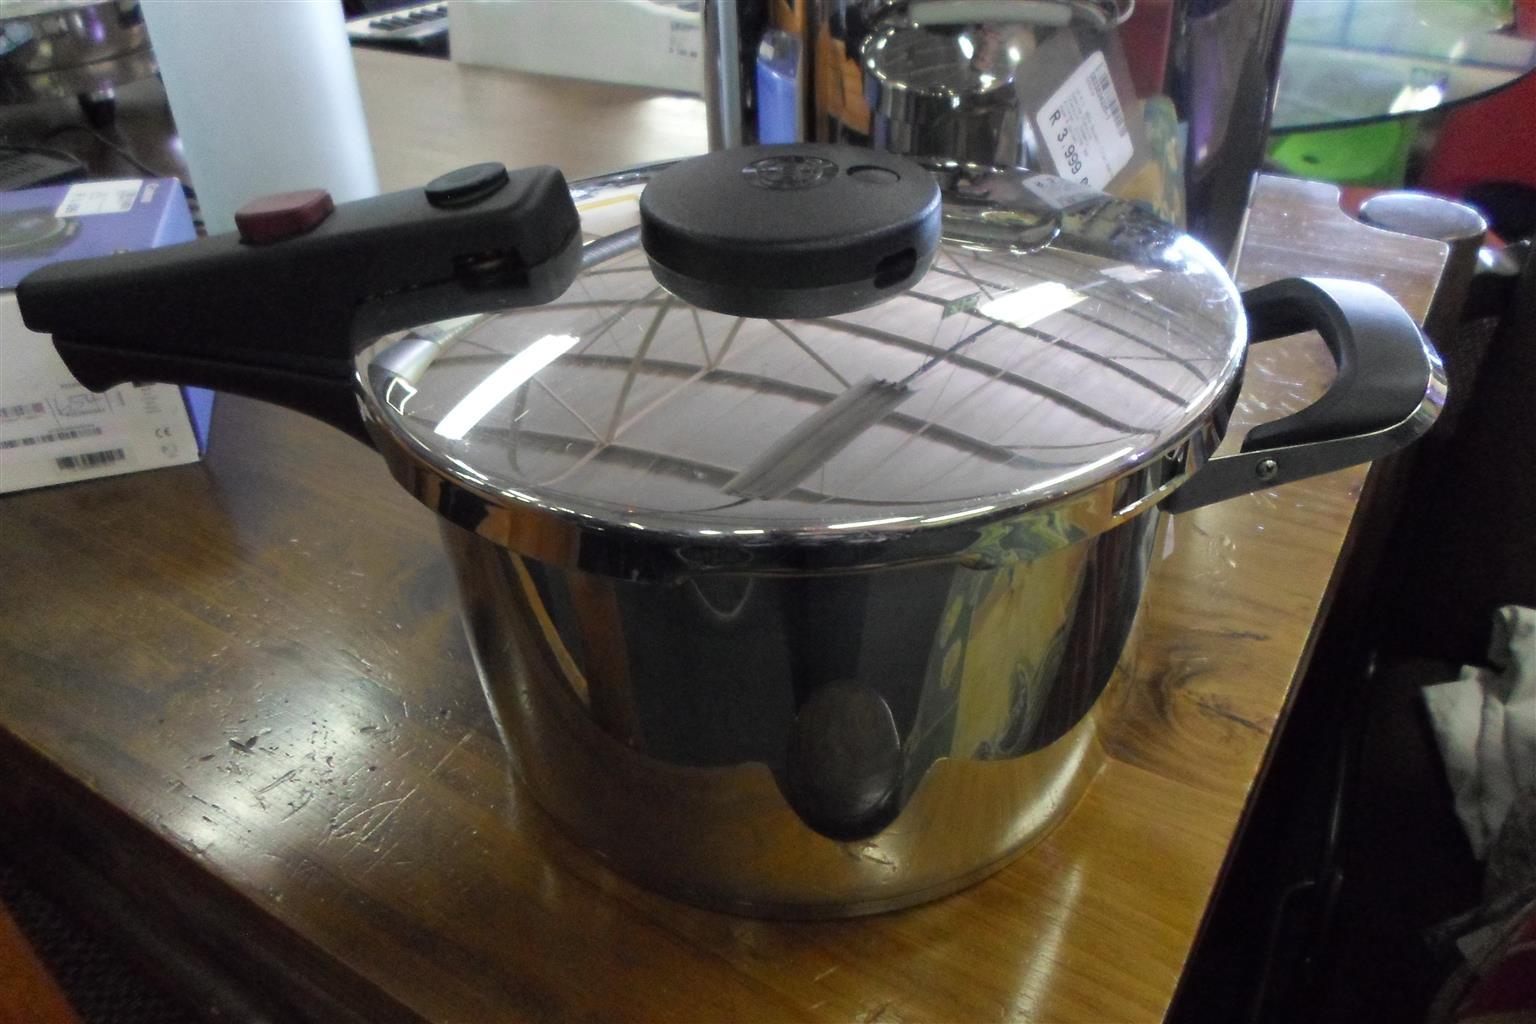 30cm AMC Pressure Cooker